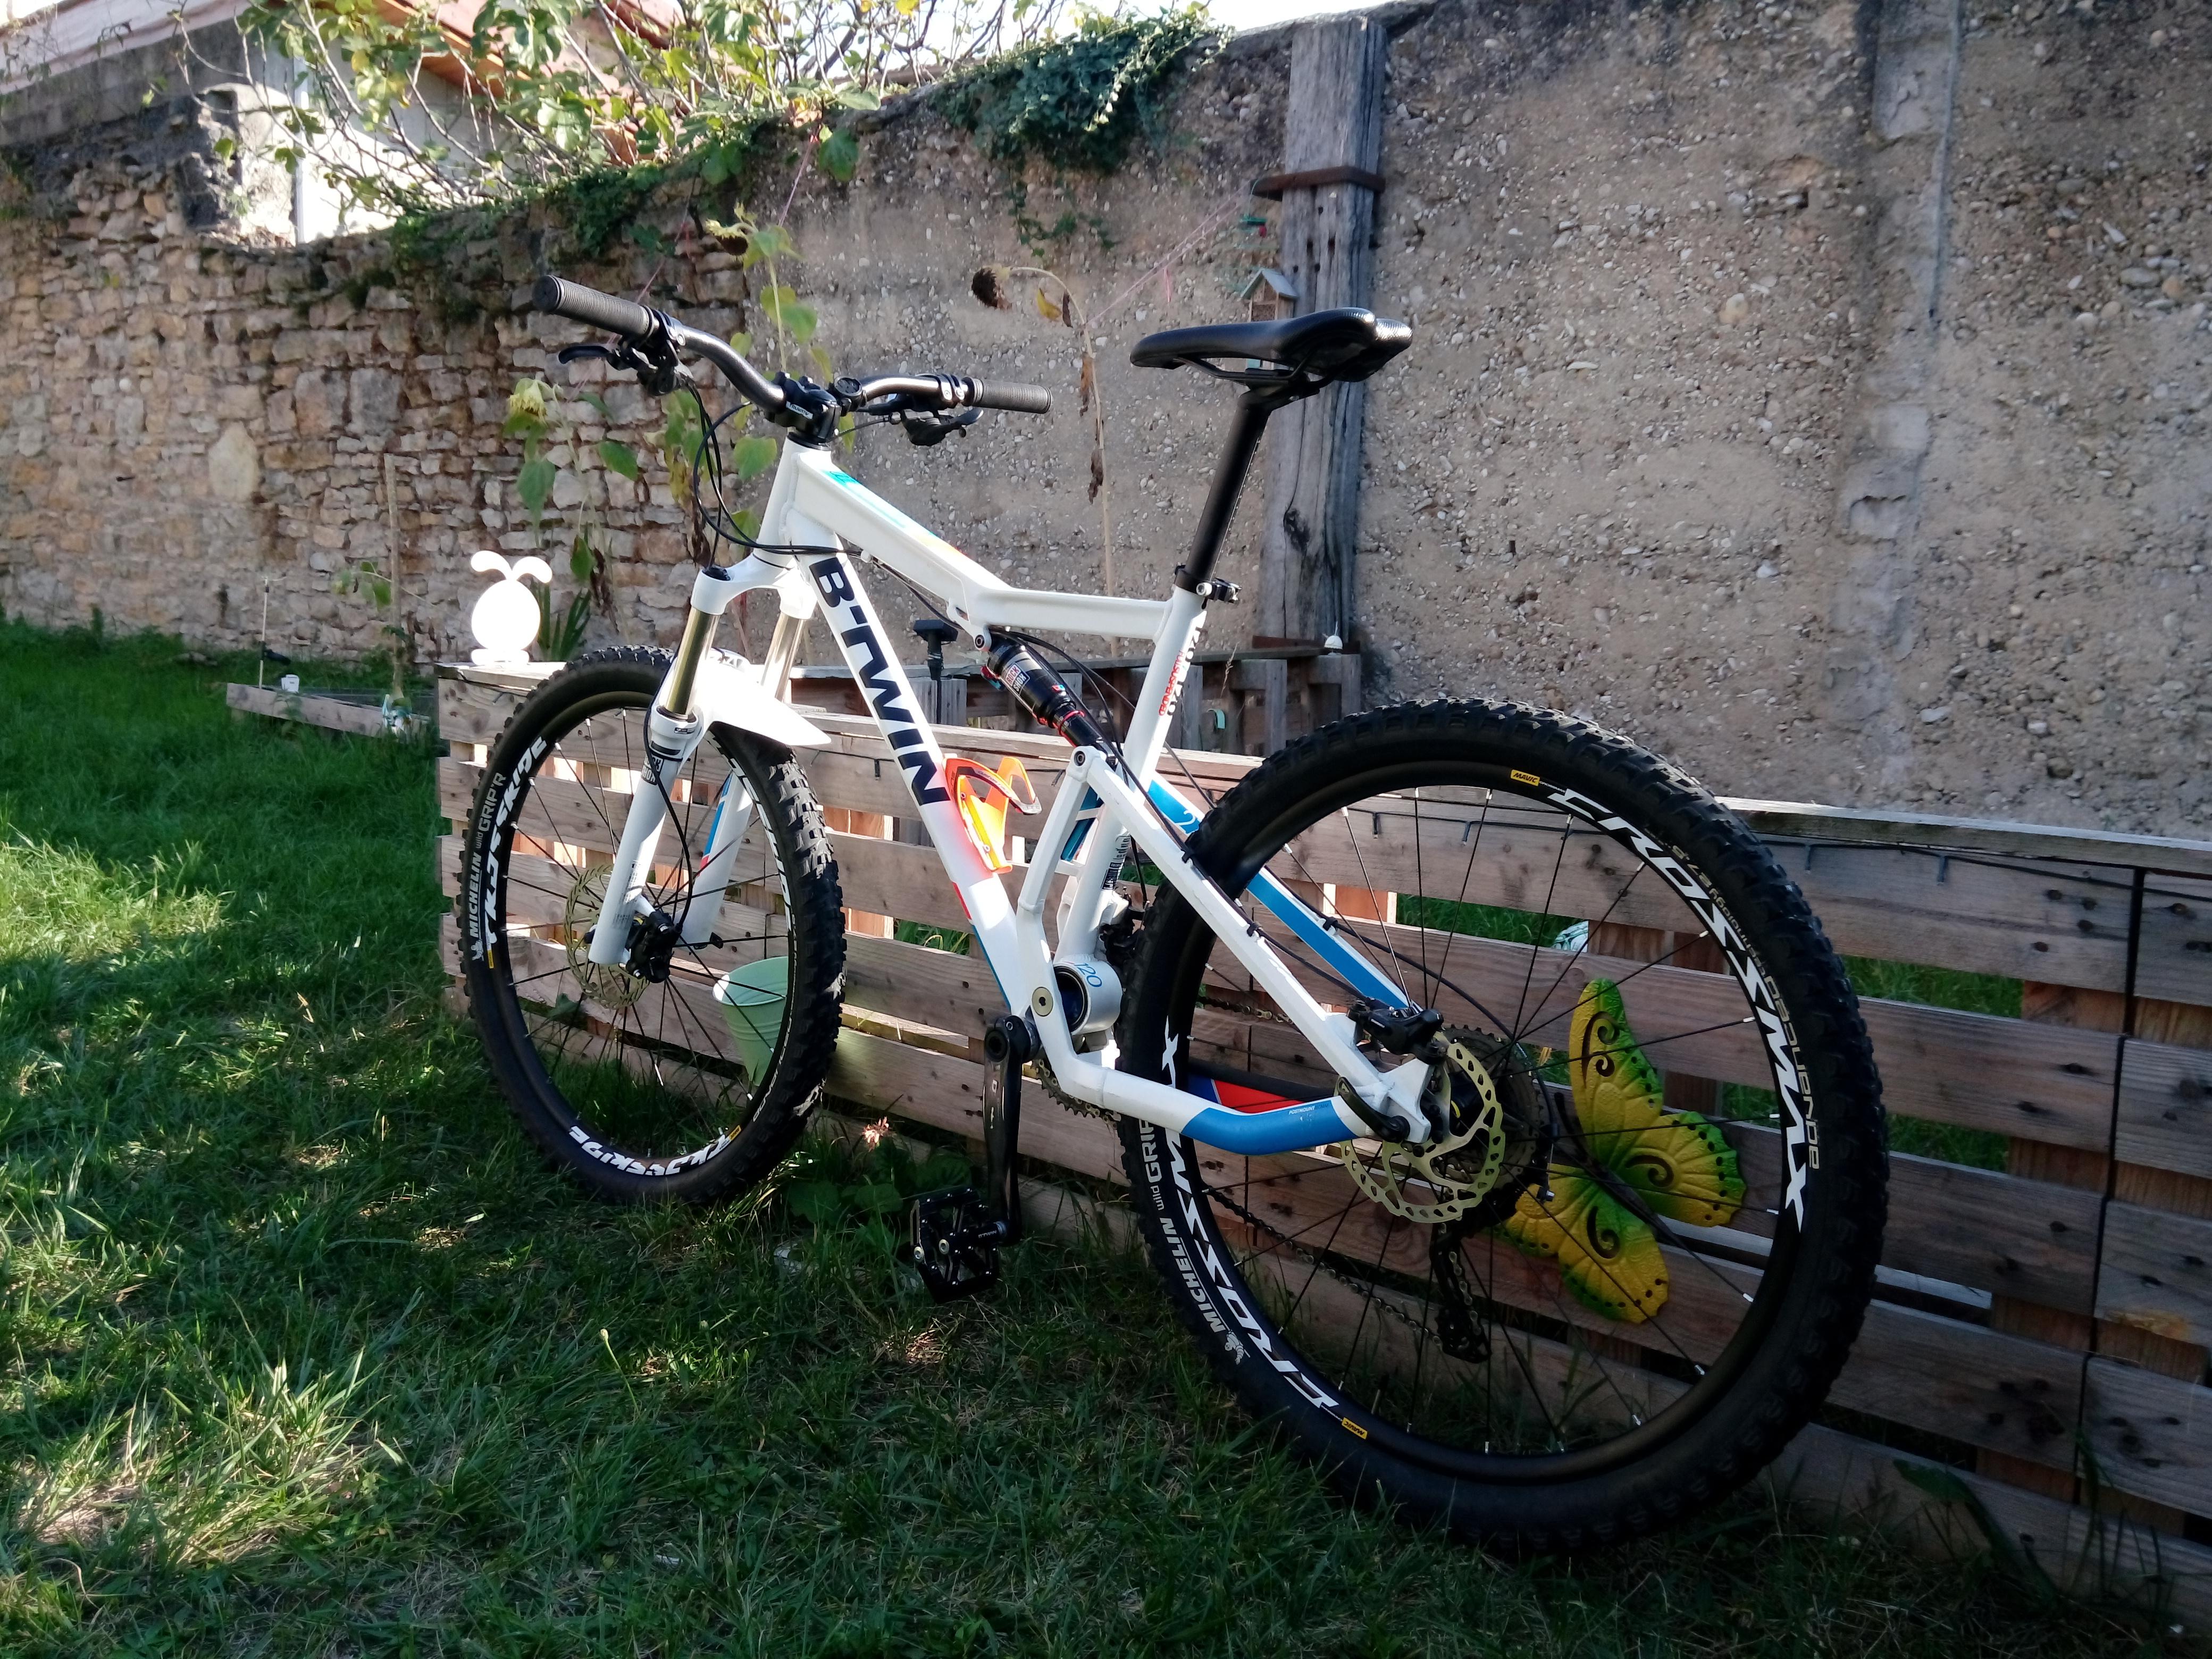 c5f79f717 Vos vélo rockrider et autres décathlon- Page 140 - Velo Vert   le ...